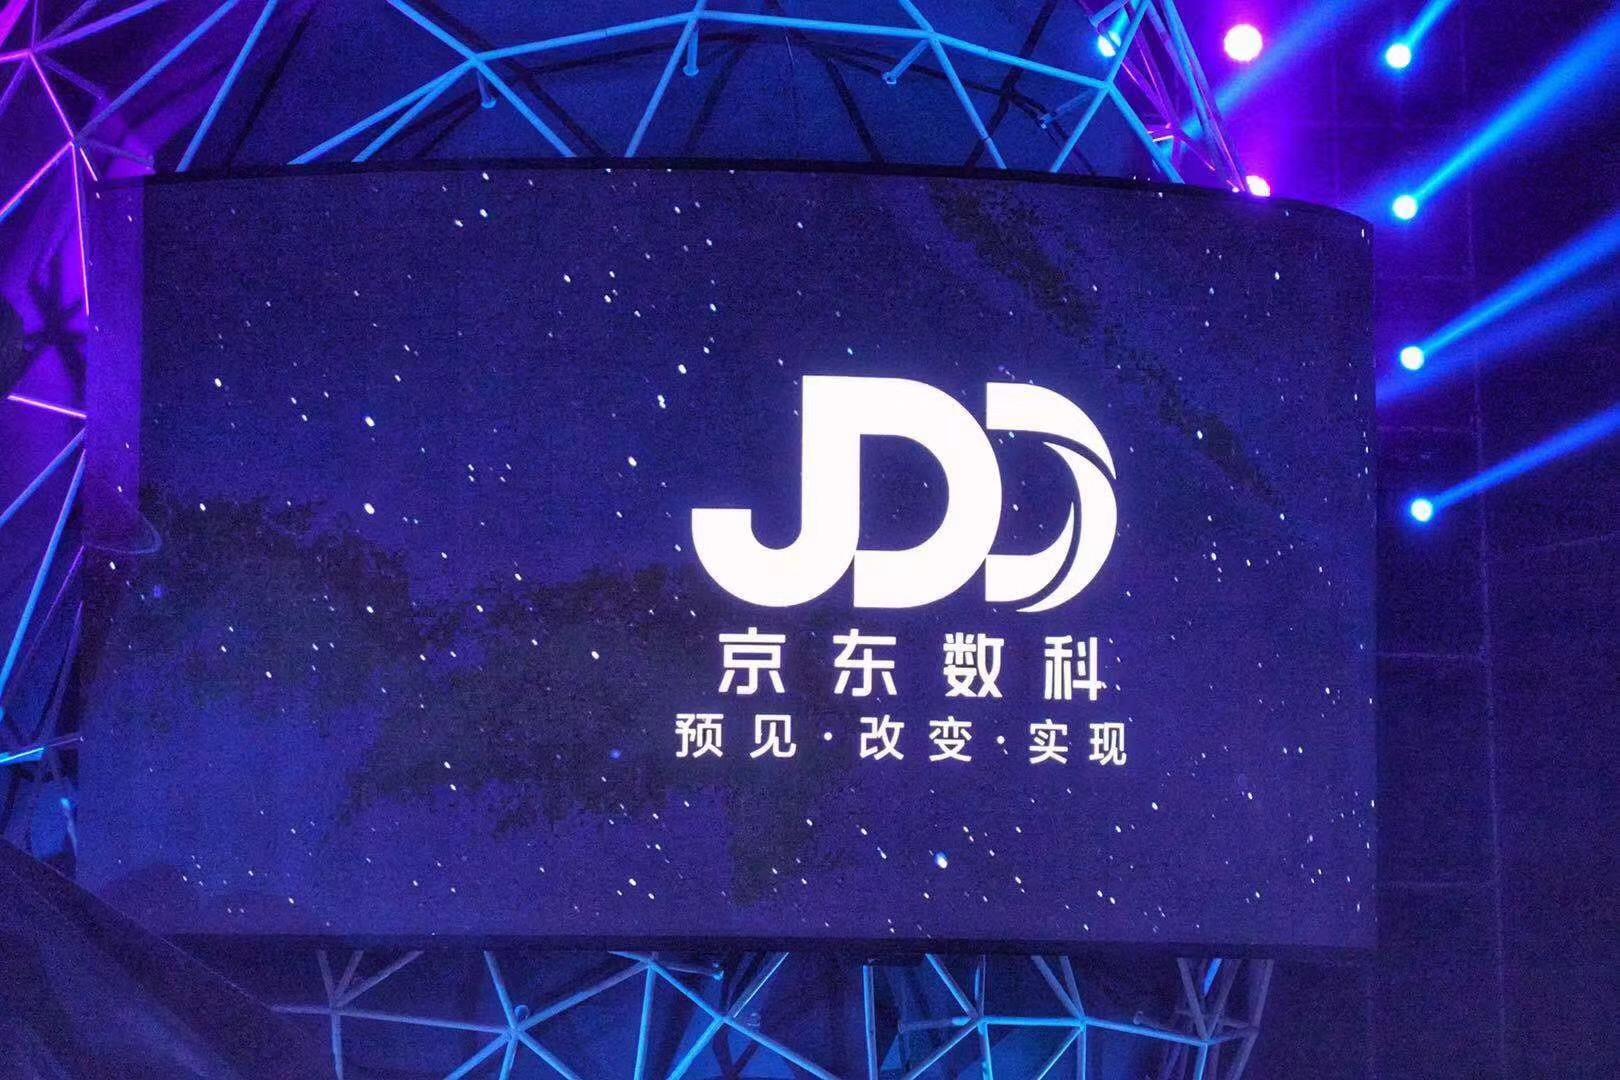 【企服快讯】京东金融启动战略升级,正式更名为京东数科